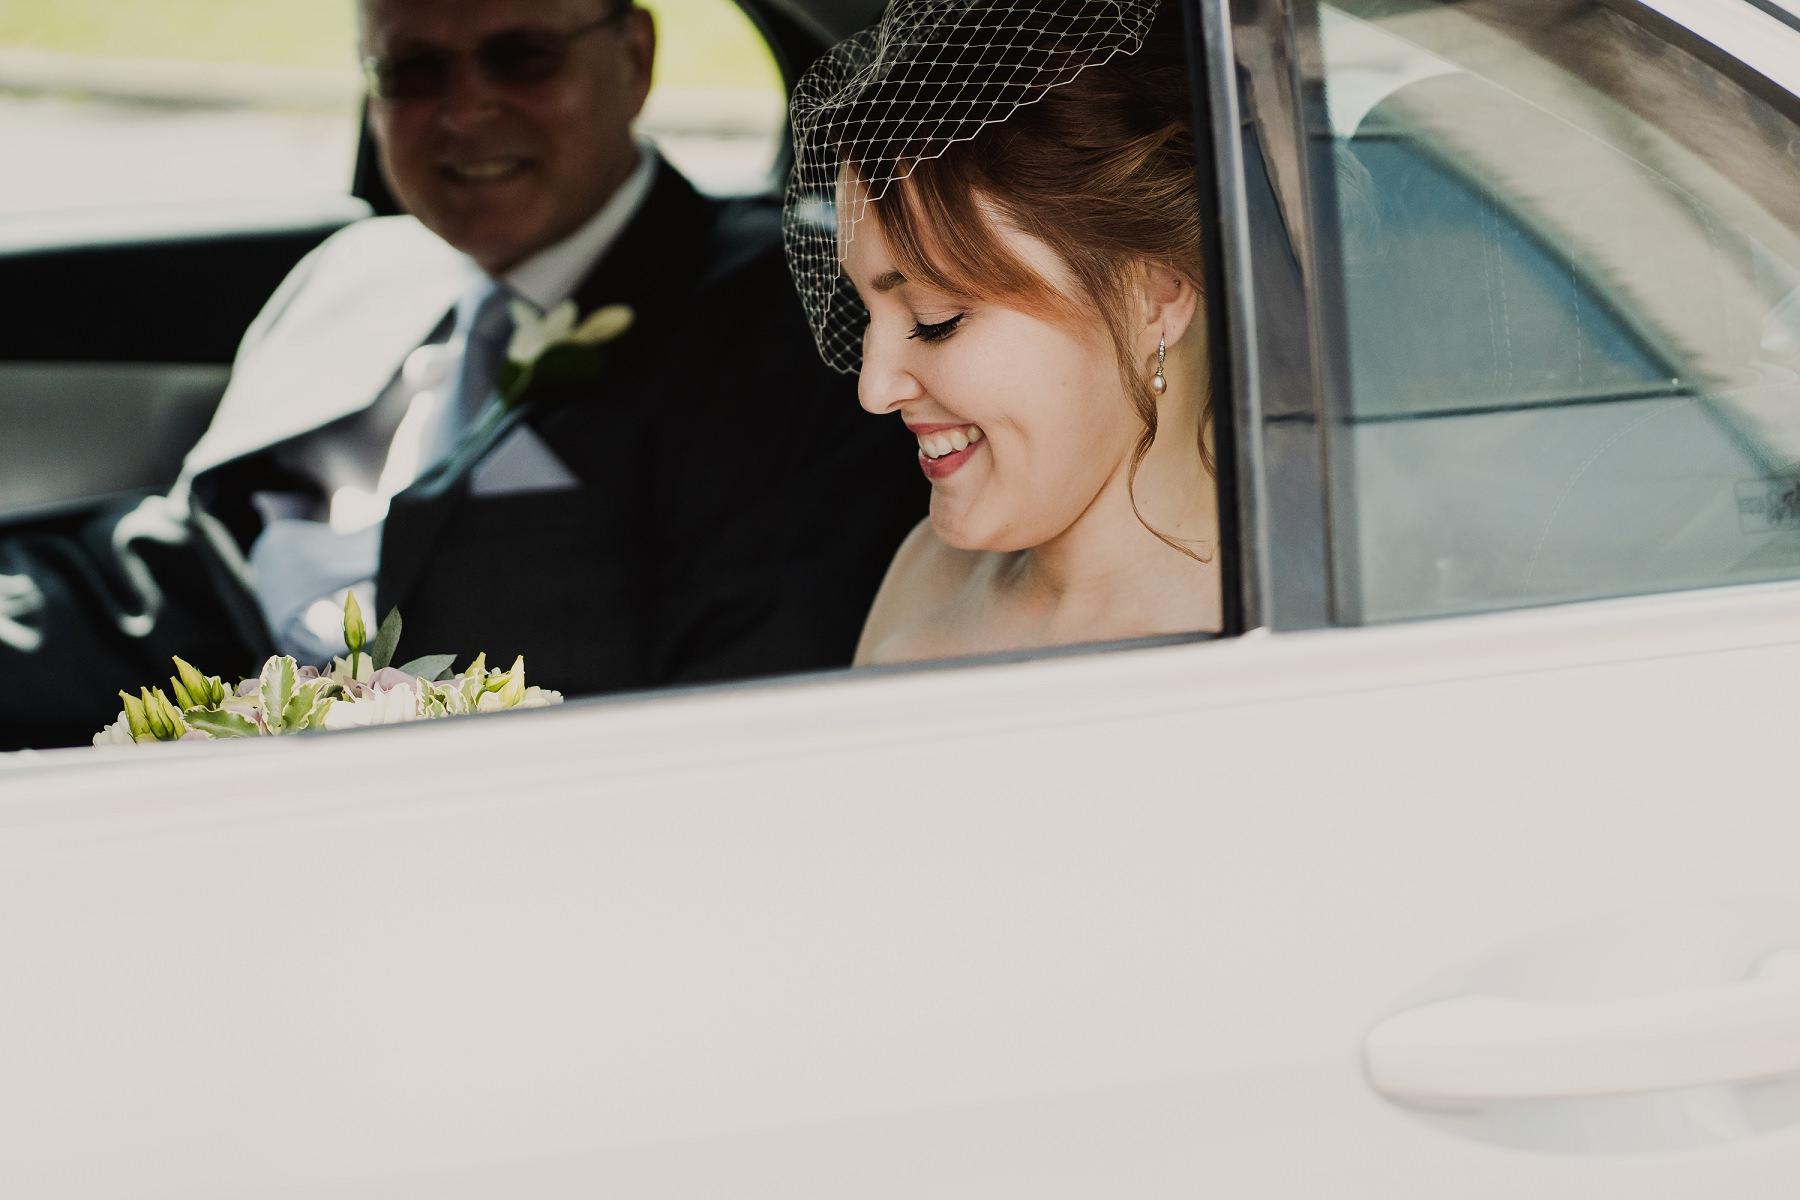 danny_alex_wedding_tease_0006.jpg